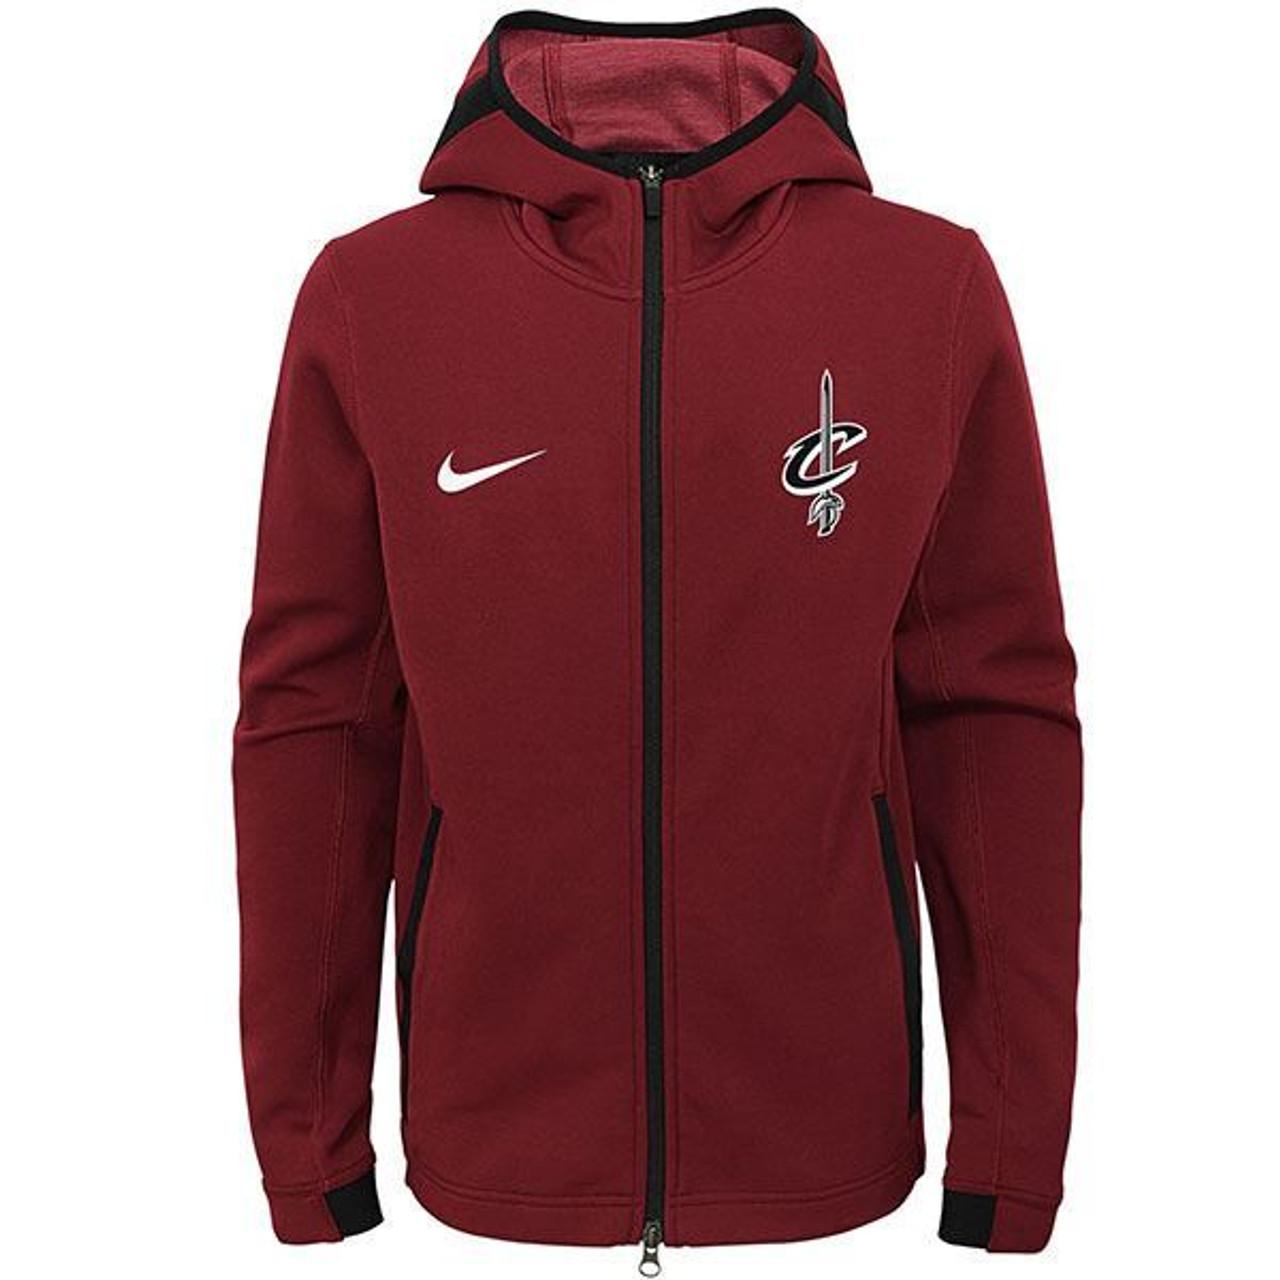 e3f38132ca6e Yth Nike Cavs Dry Showtime FZ - Cleveland Cavaliers